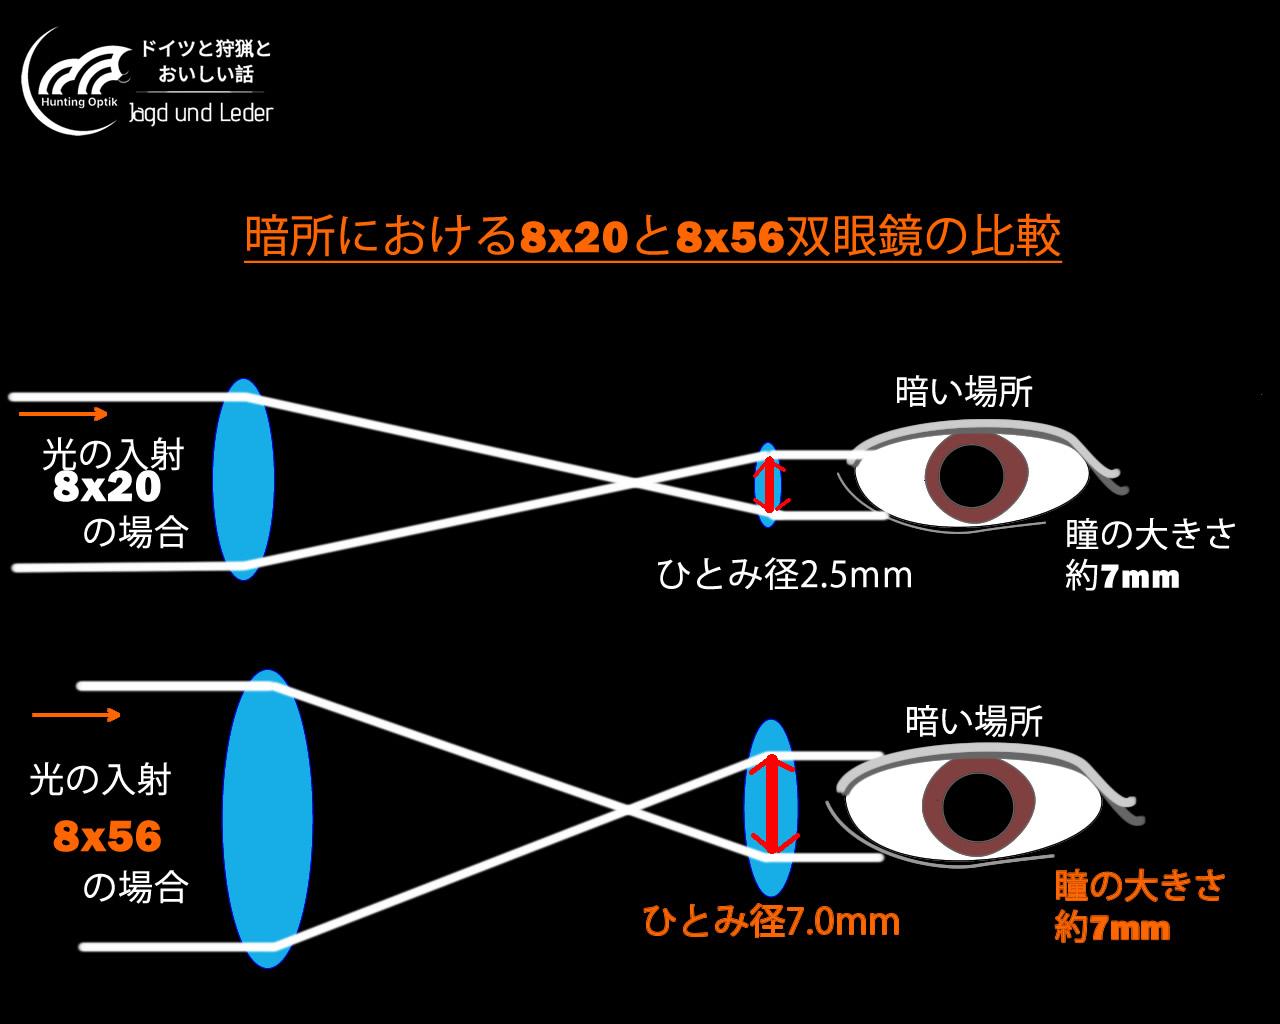 狩猟用の双眼鏡といえば8x56。ハチゴーロクと呼びます。